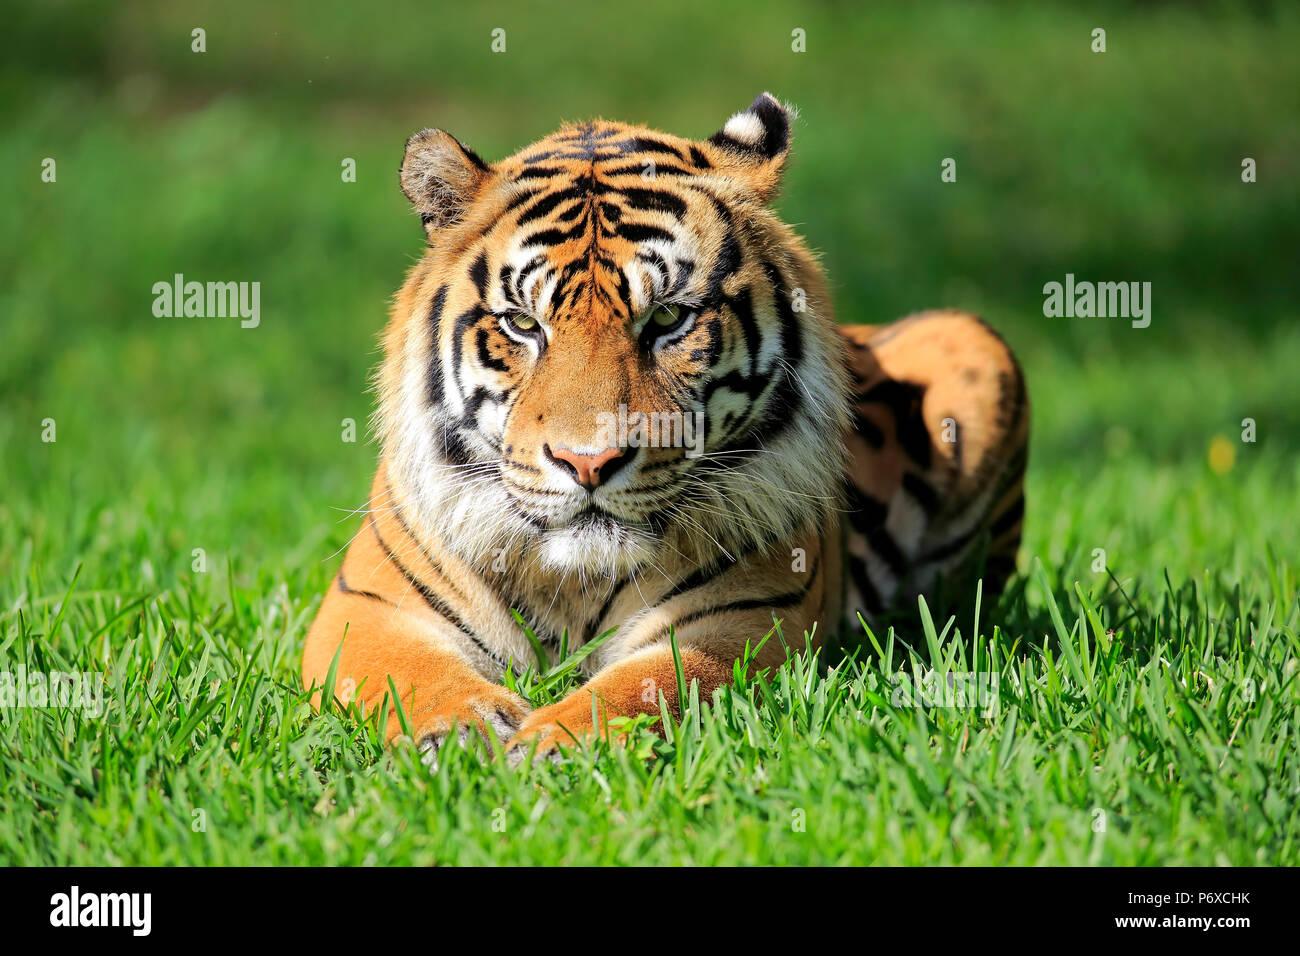 Tigre de Sumatra, los machos adultos, en Sumatra, en Asia, Panthera tigris sumatrae Imagen De Stock